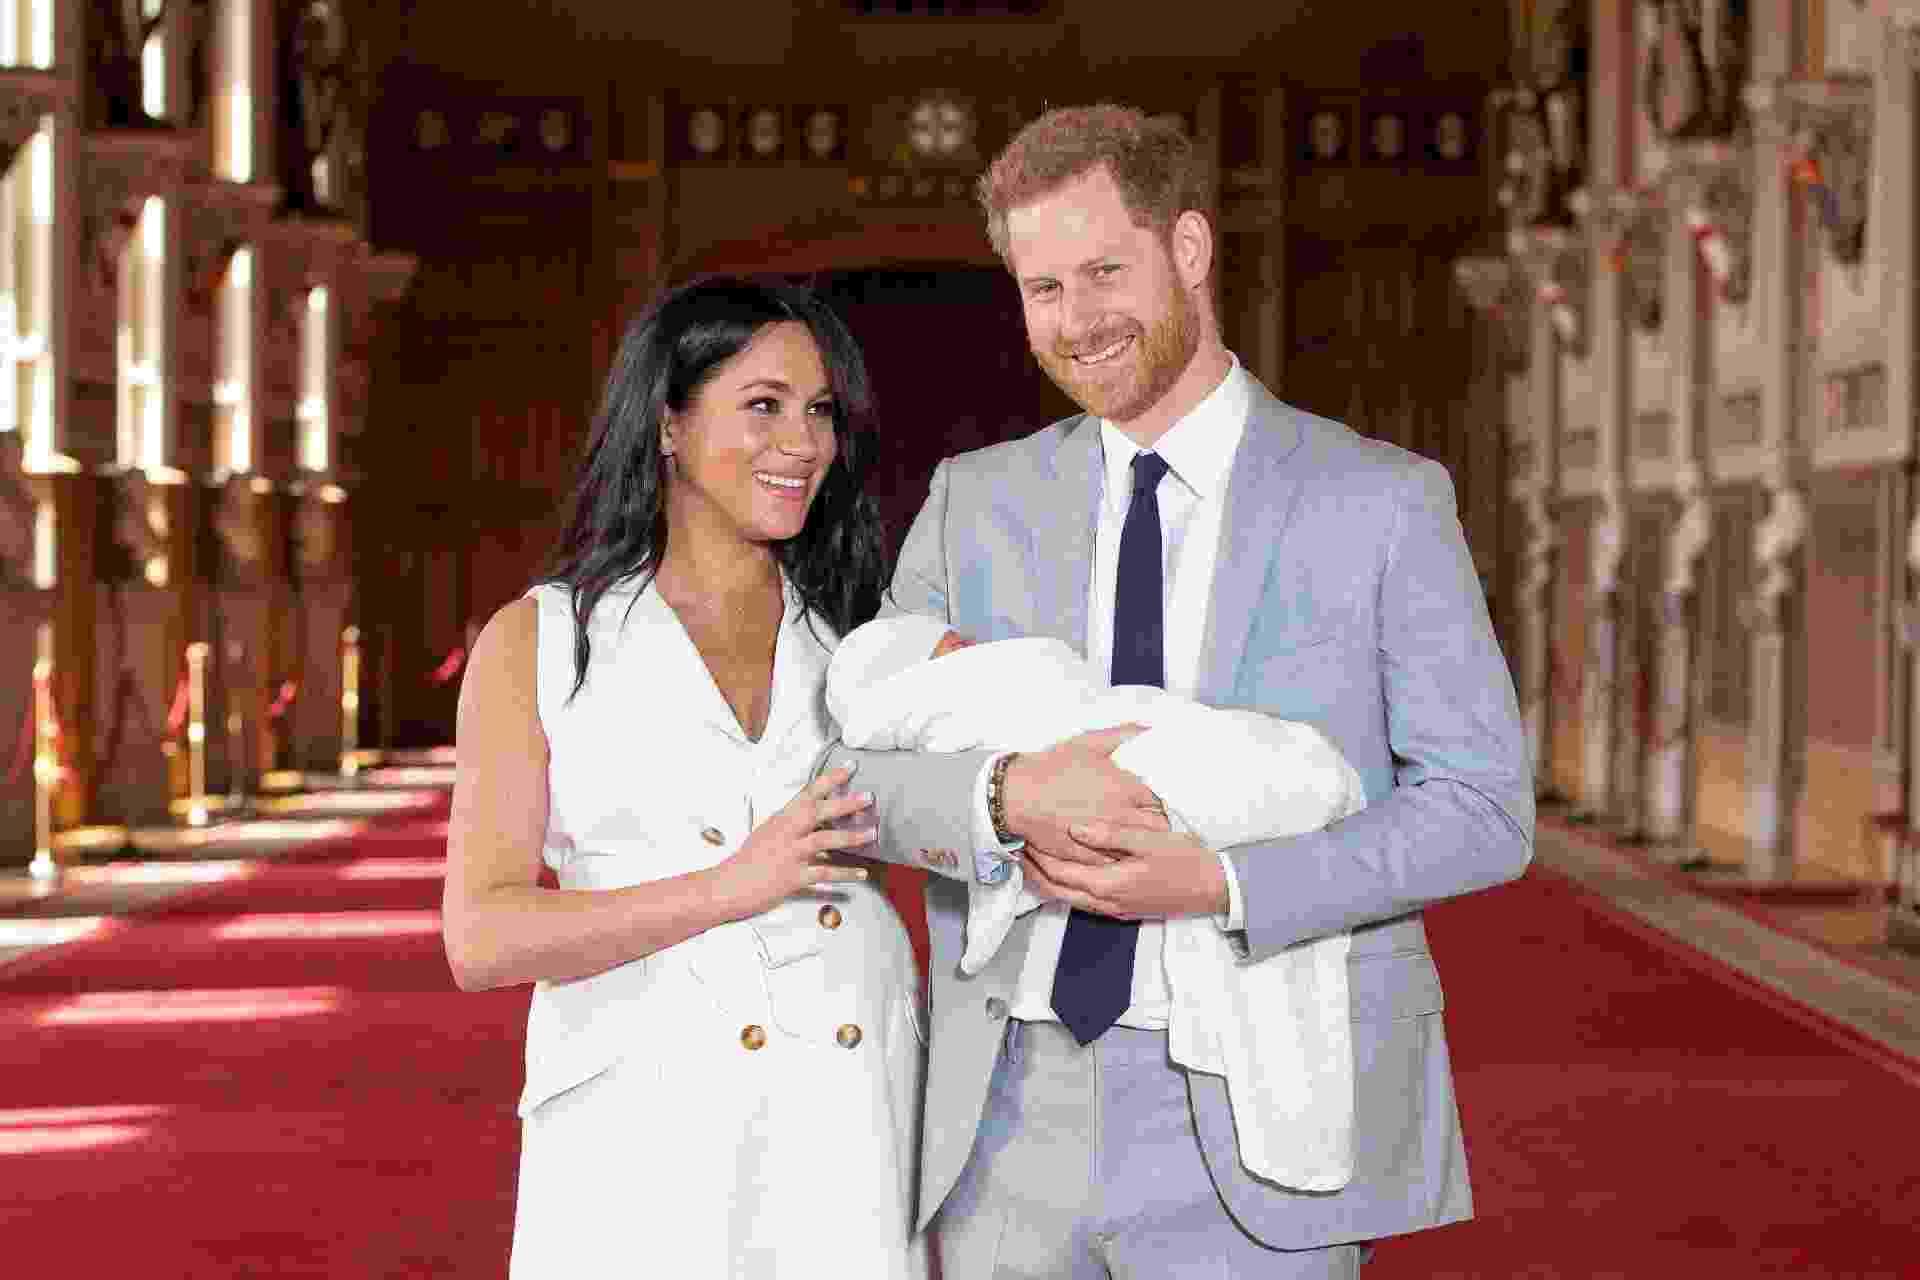 Os duques de Sussex, Harry e Meghan, aparecem com o menino pela primeira vez em frente às câmeras na quarta-feira (8), dois dias depois do nascimento. Eles saíram da área privada e conversaram com a imprensa local em um dos corredores do Castelo de Windsor, onde frica a Frogmore Cottage - Reuters